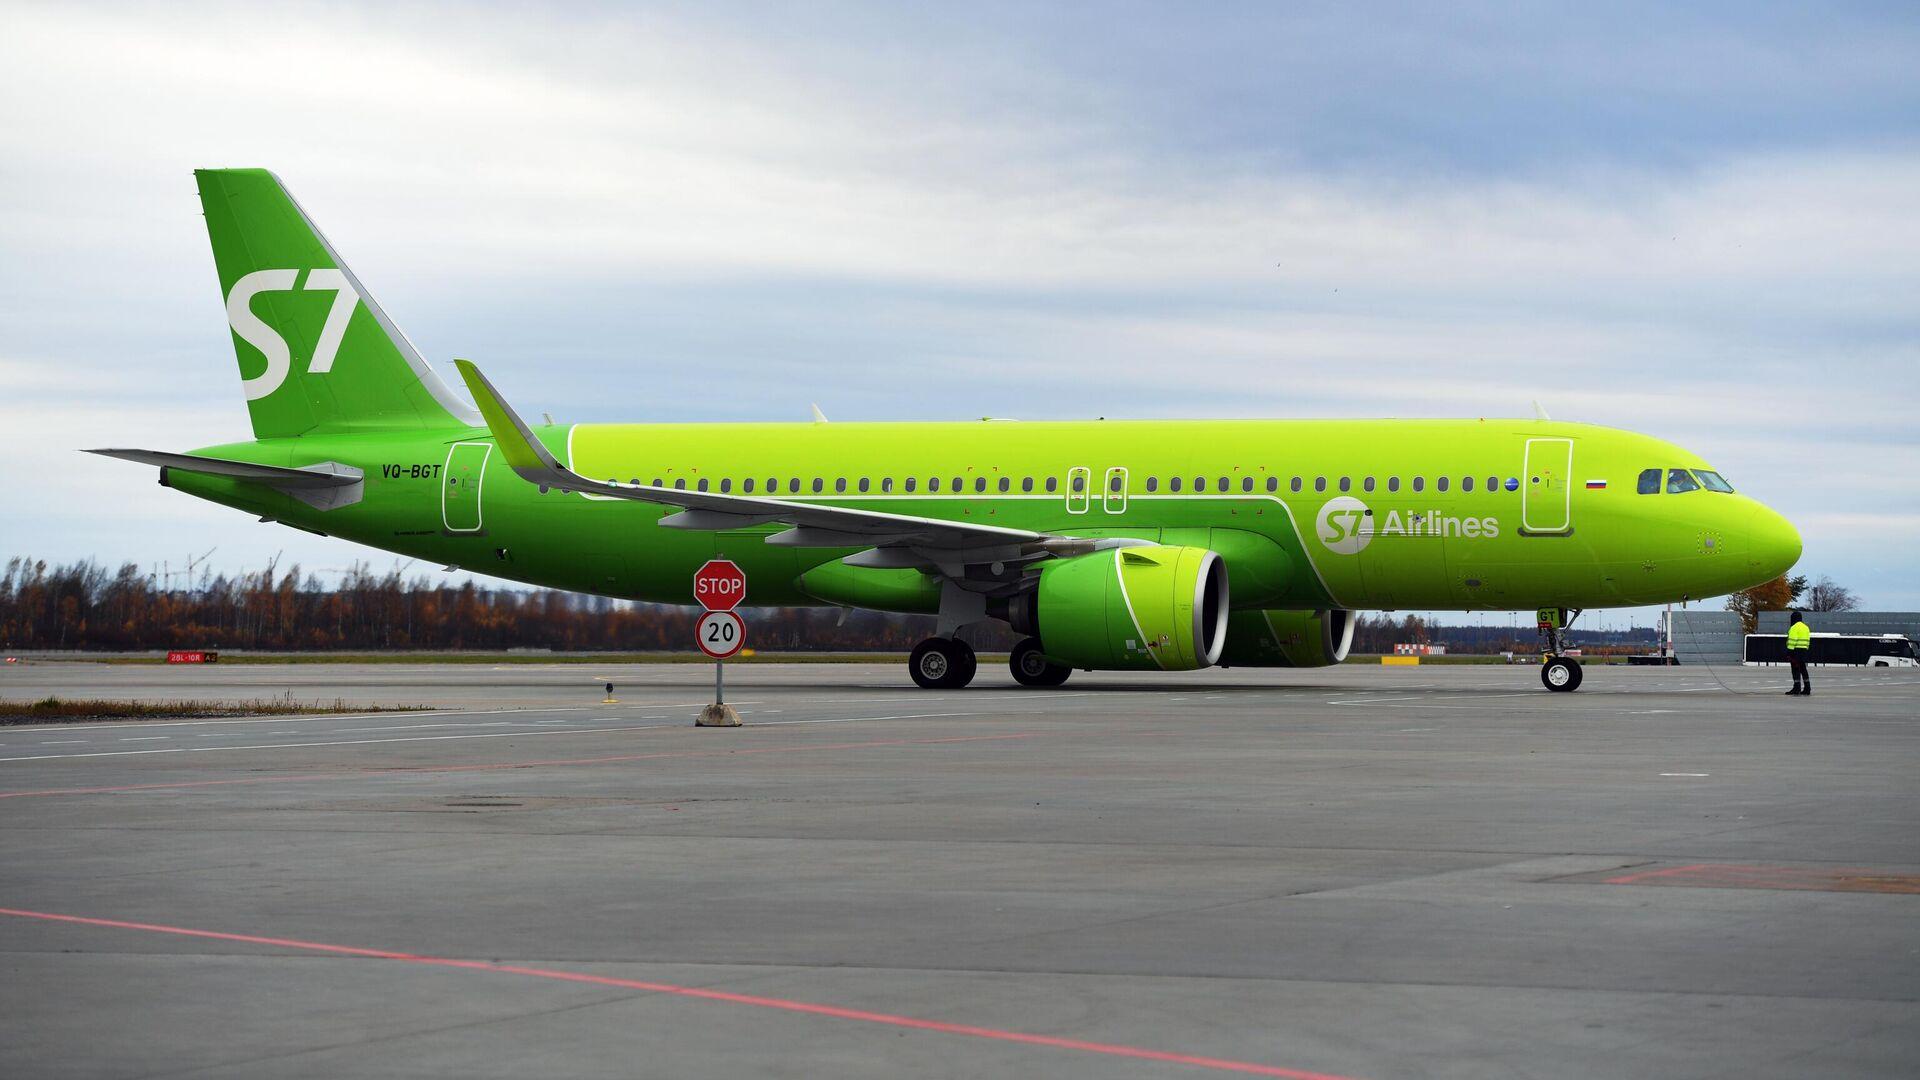 Самолет Airbus A320neo авиакомпании S7 Airlines - РИА Новости, 1920, 28.07.2021